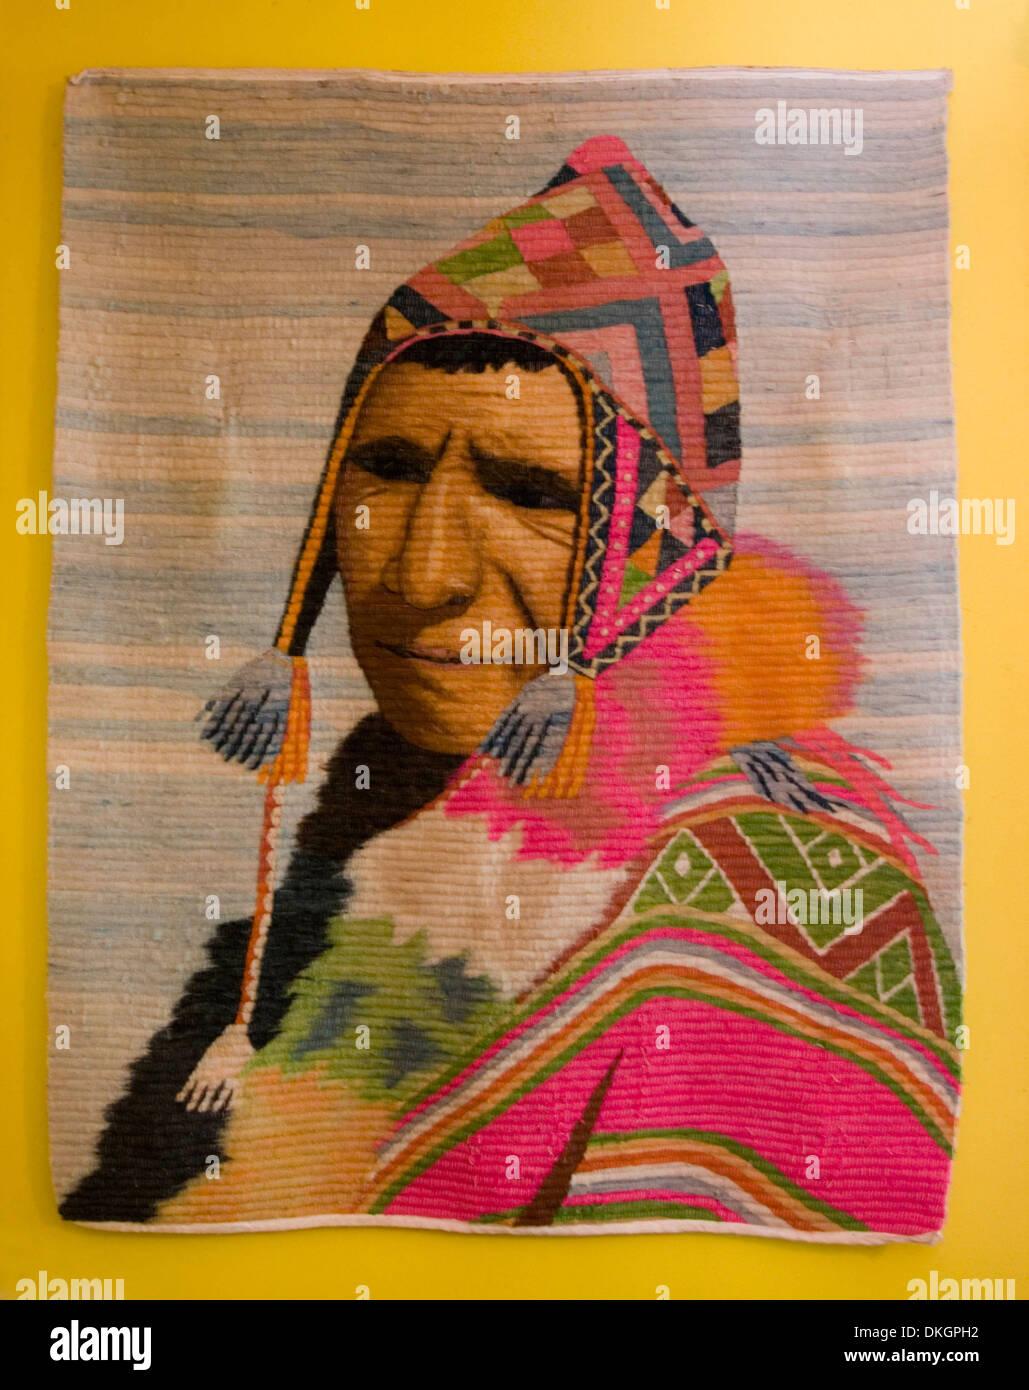 Hechos a mano la pared cuelgan de lana tejida mostrando un retrato de un  hombre indígenas 08d90edc7fa